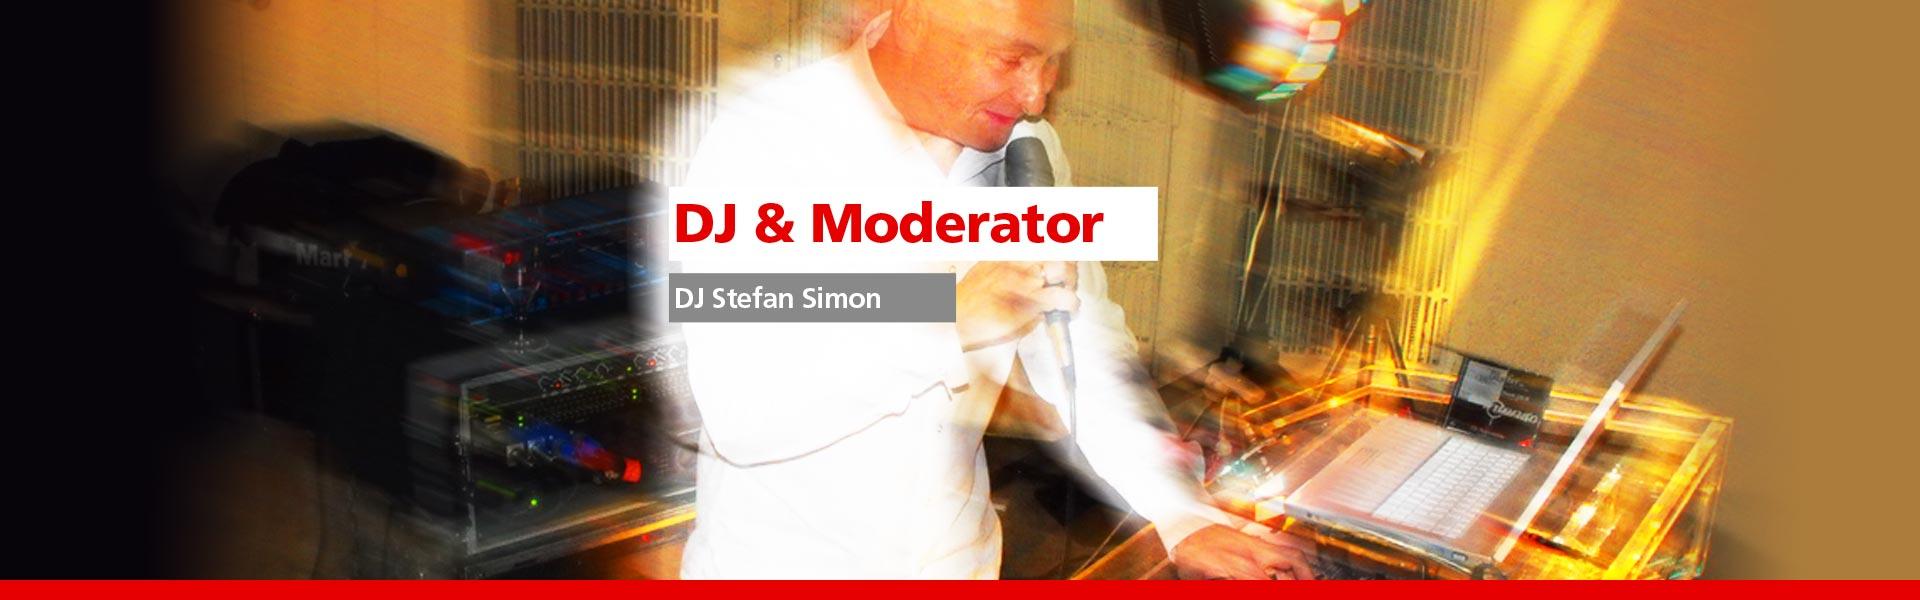 https://www.stefansimon.de/wp-content/uploads/2014/02/Slider_1920x600px_MobilDJ-NEU-1.jpg